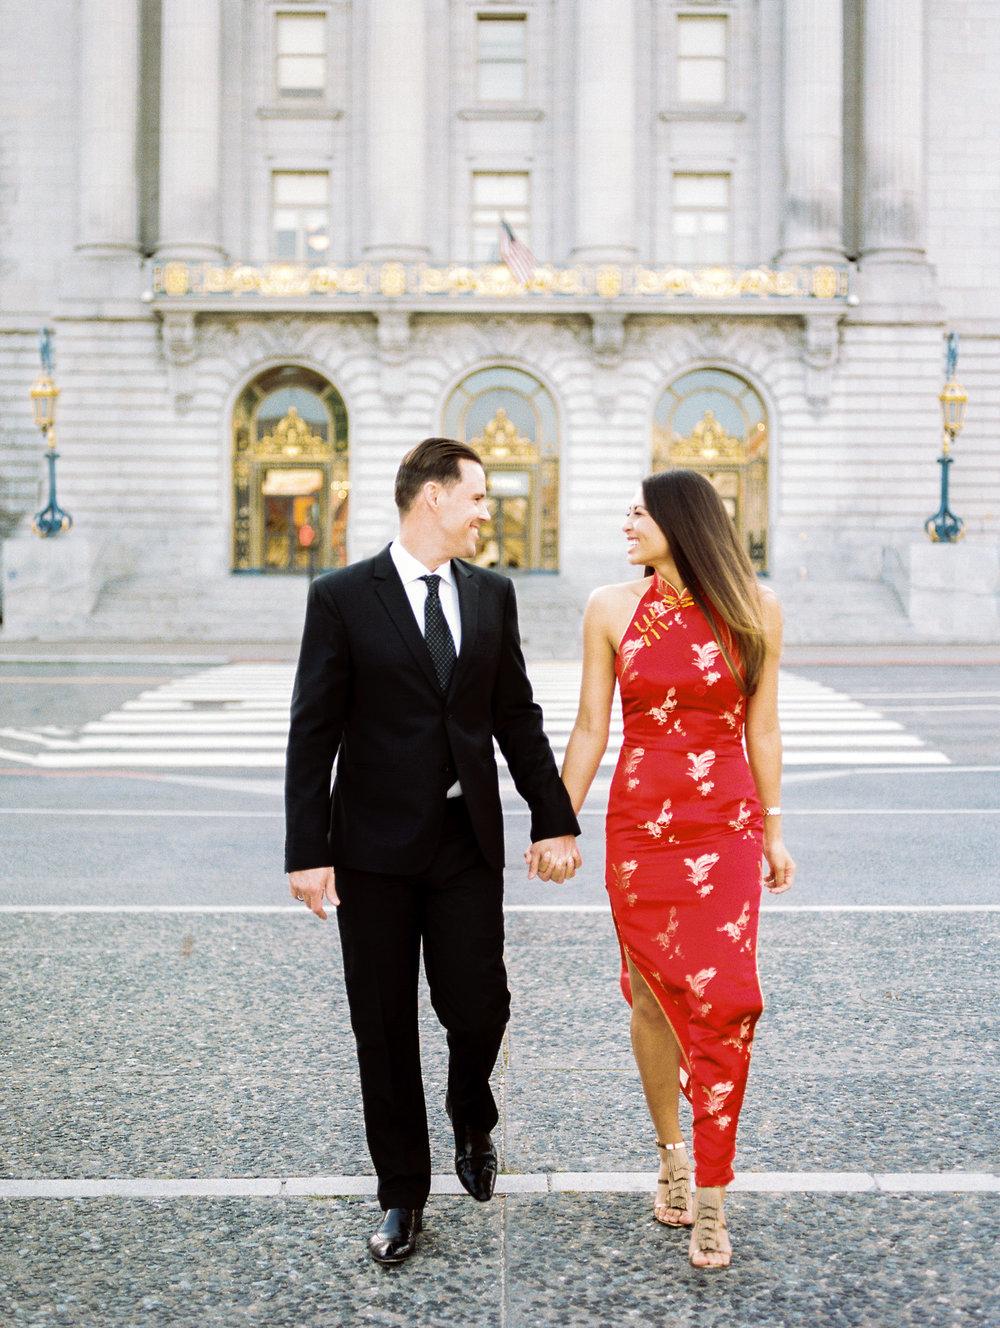 Dan & Sari at SF City Hall